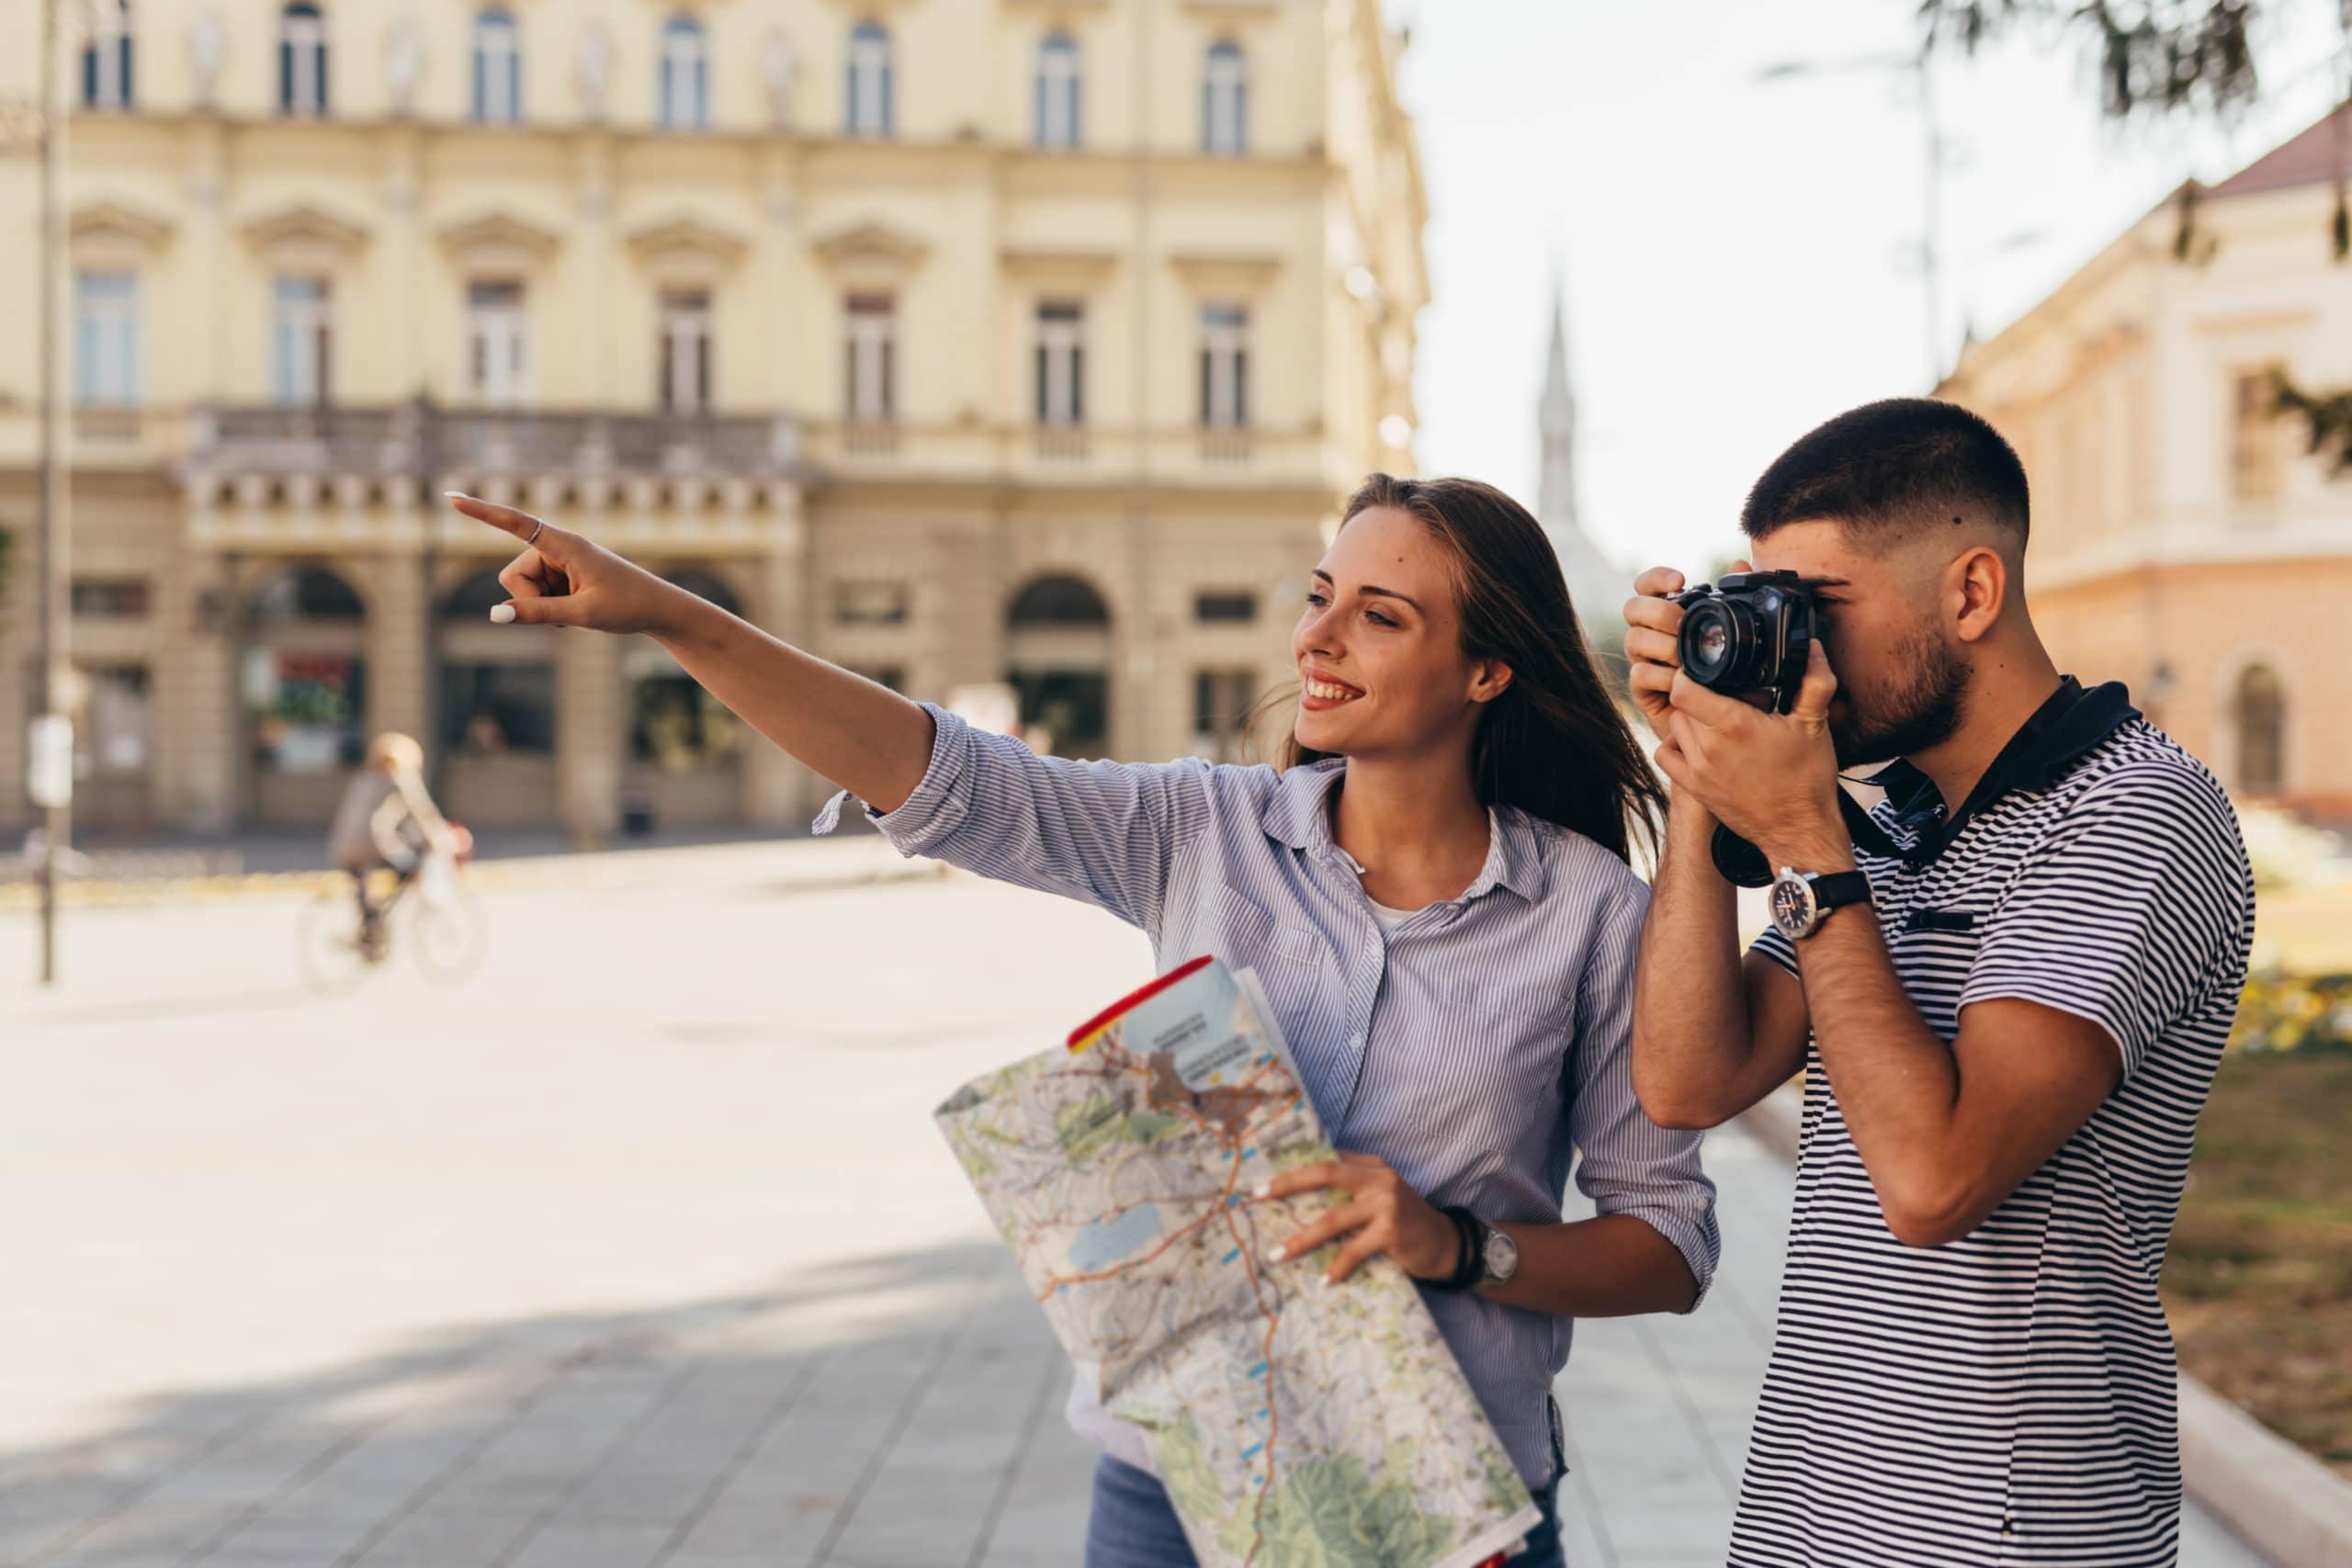 El Marketing y la Inteligencia Turística como posible solución a la crisis del turismo.